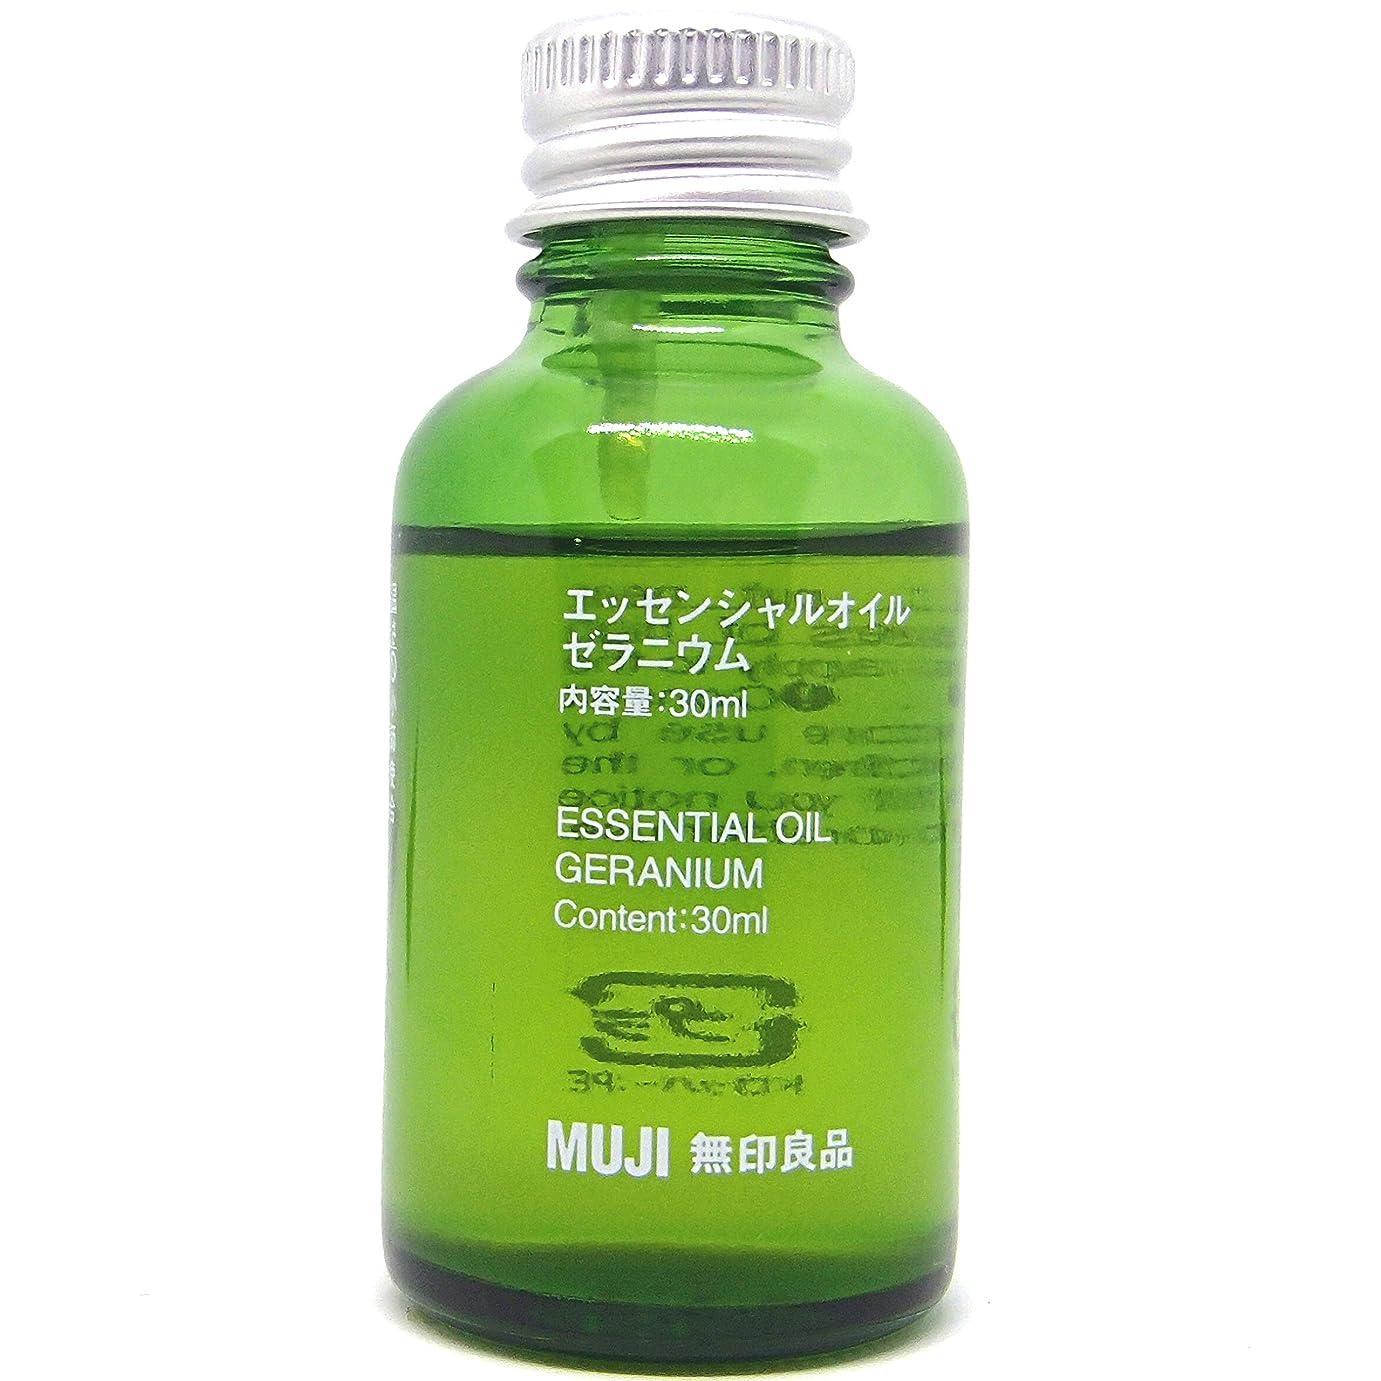 磁気アラート放射性【無印良品】エッセンシャルオイル30ml(ゼラニウム)